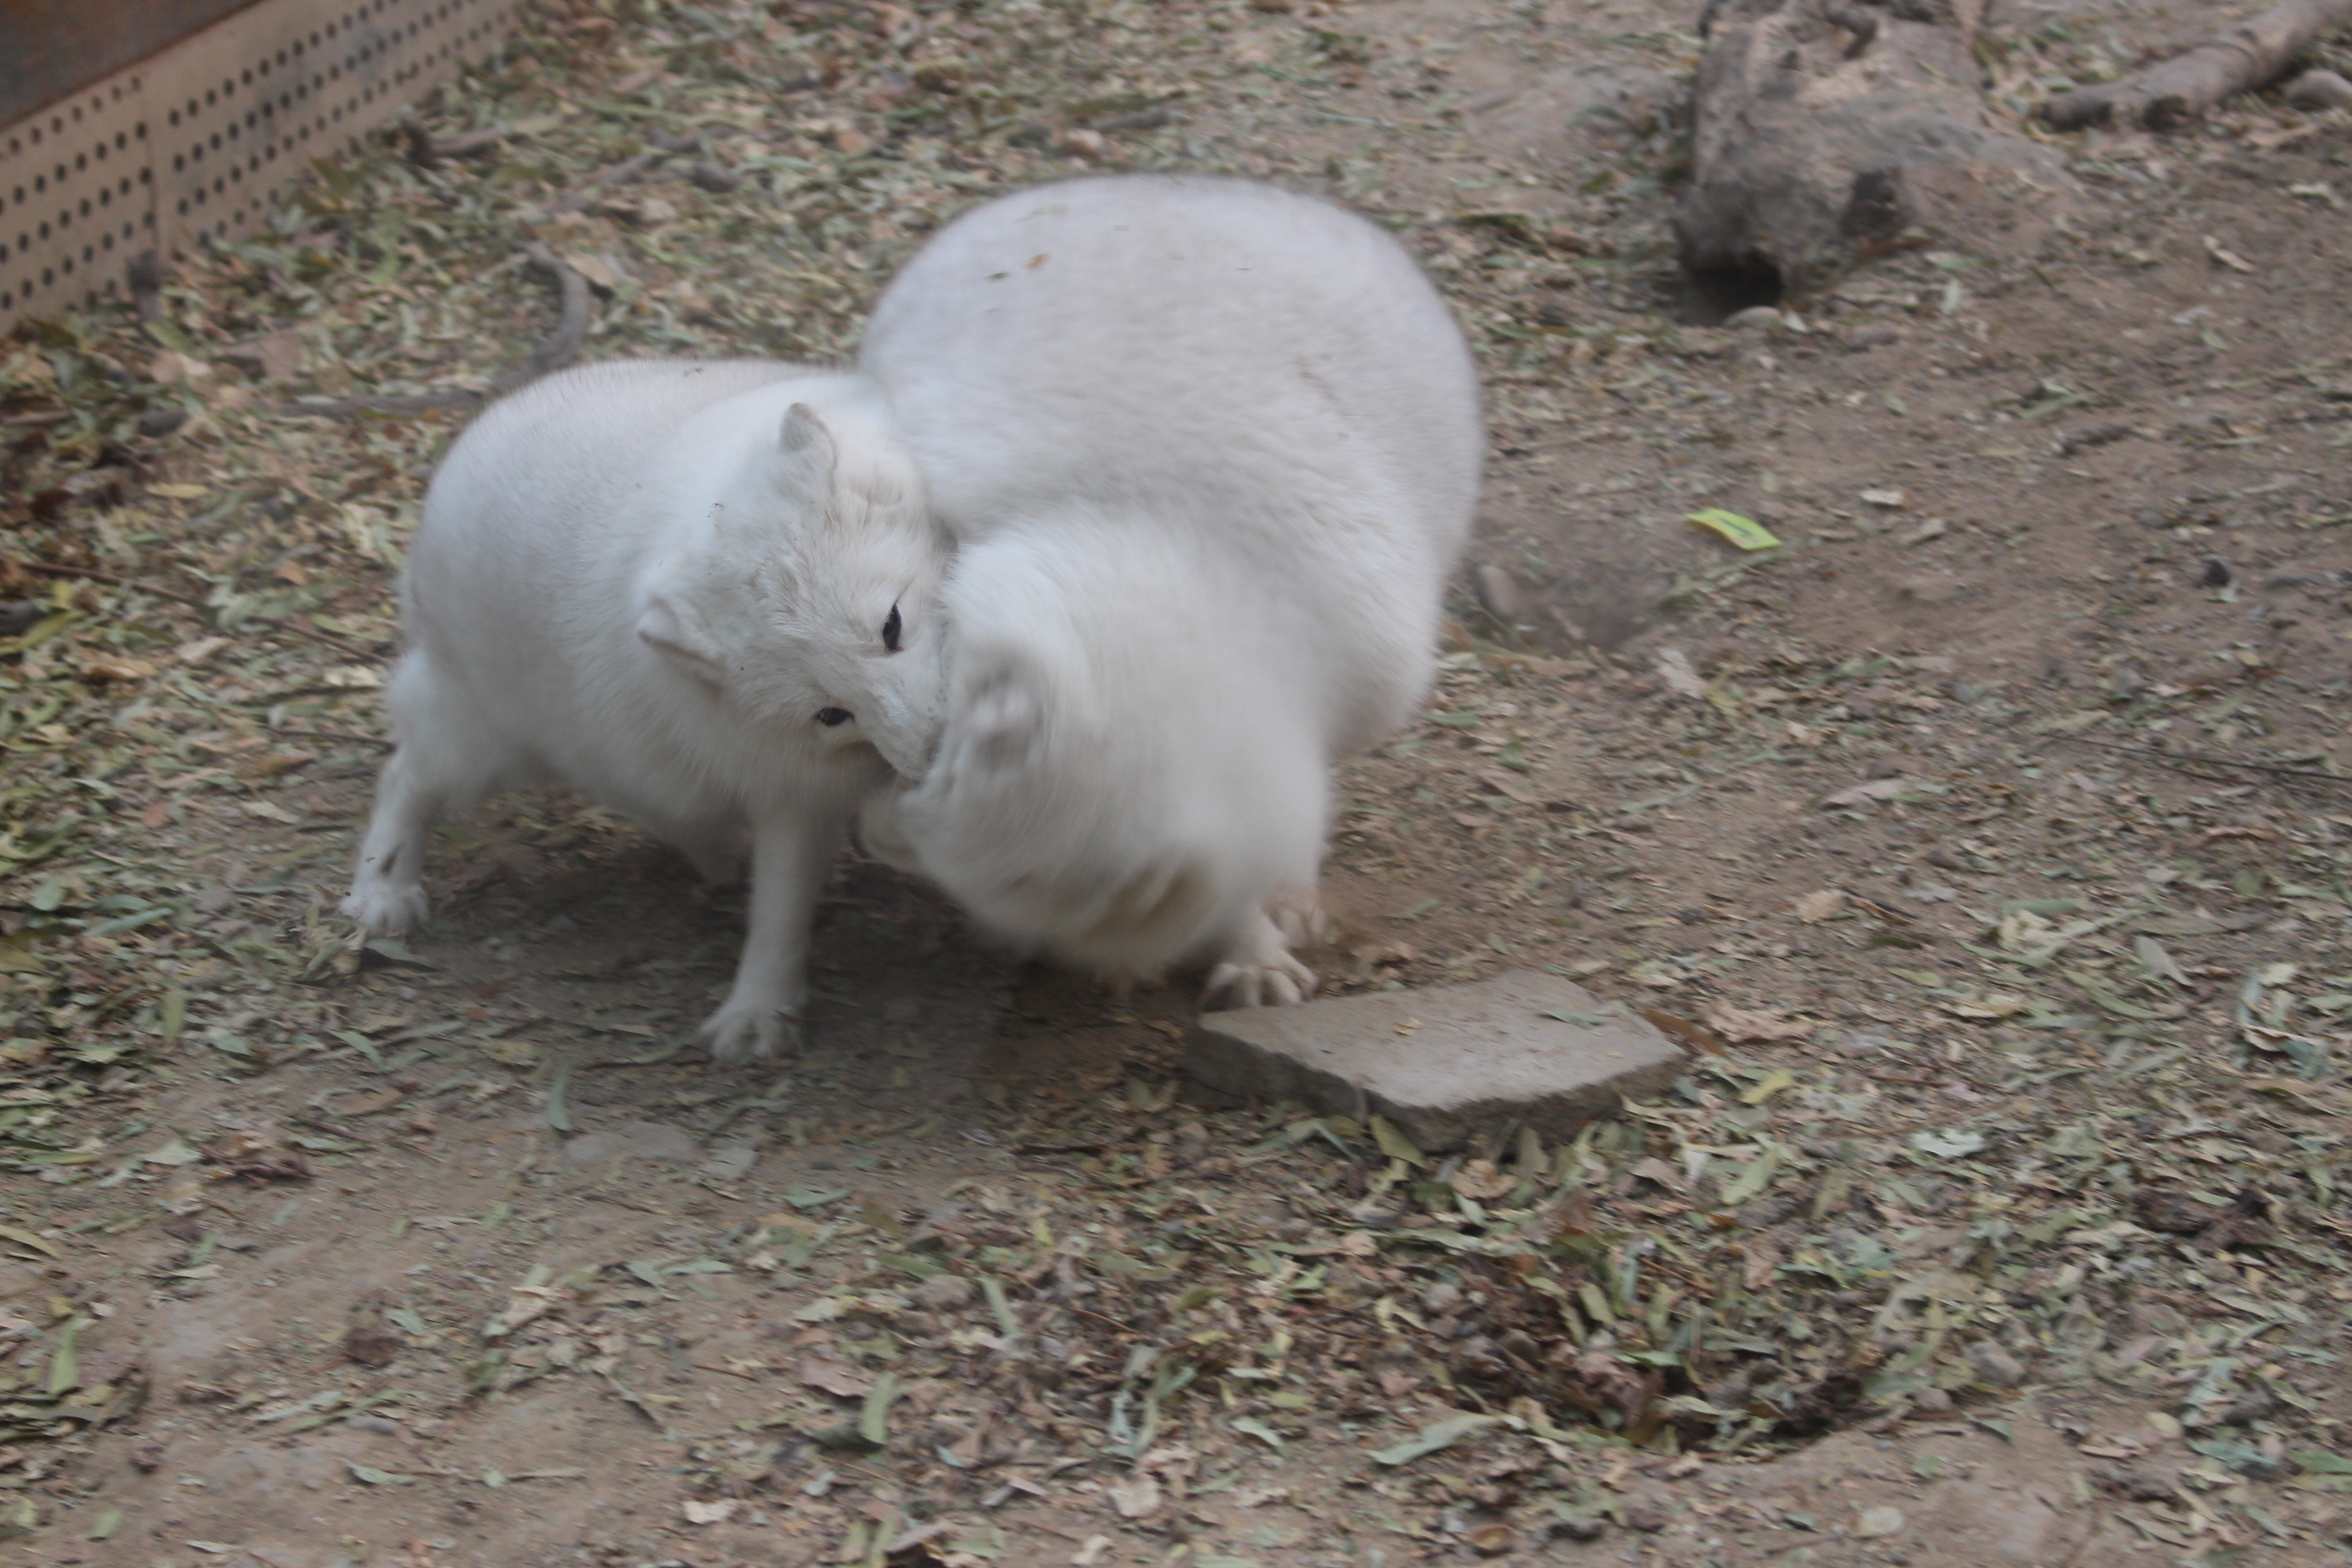 可爱的白狐 - 北京游记攻略【携程攻略】